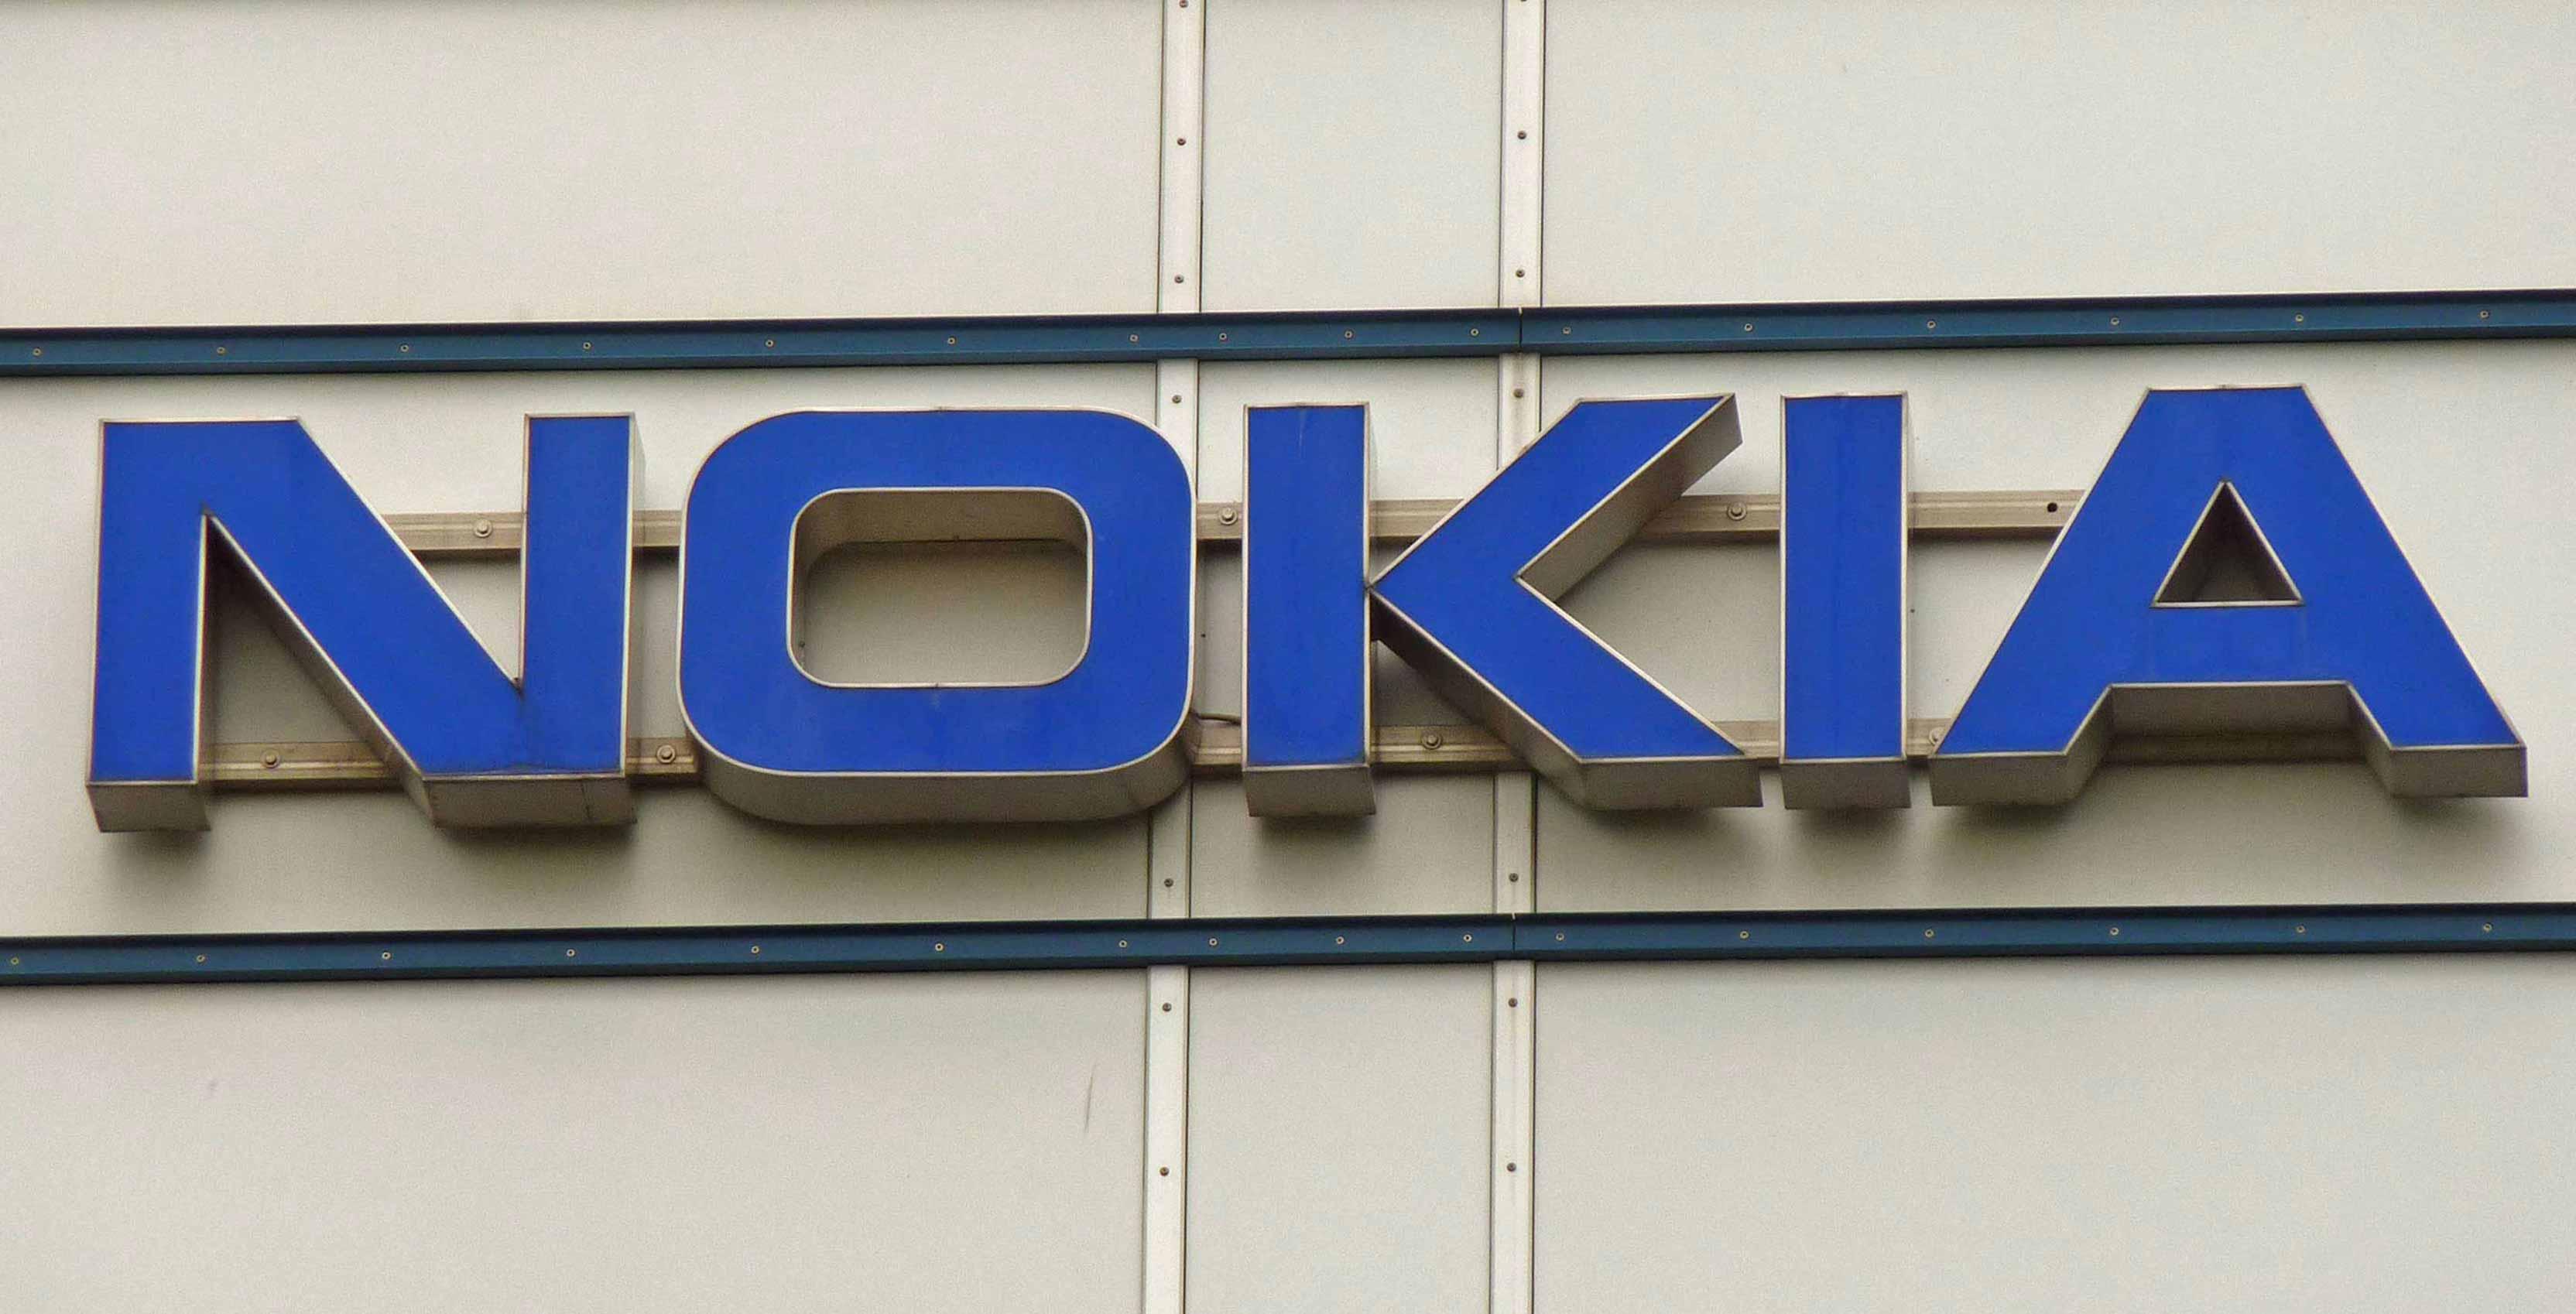 Nokia's logo